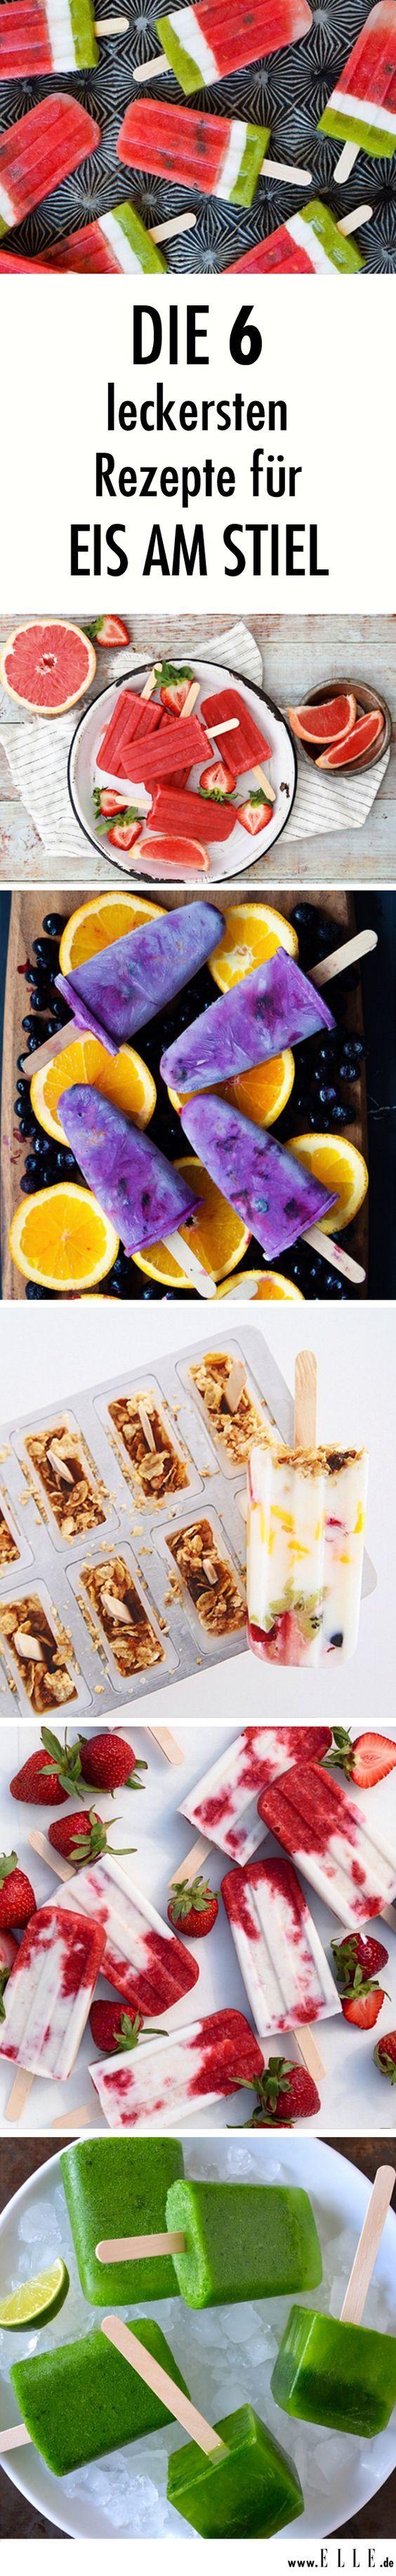 Es ist der erfrischendste Trend des Jahres: selbstgemachtes Eis am Stiel. Wir verraten unsere sechs Favoriten und liefern die Rezepte gleich mit.